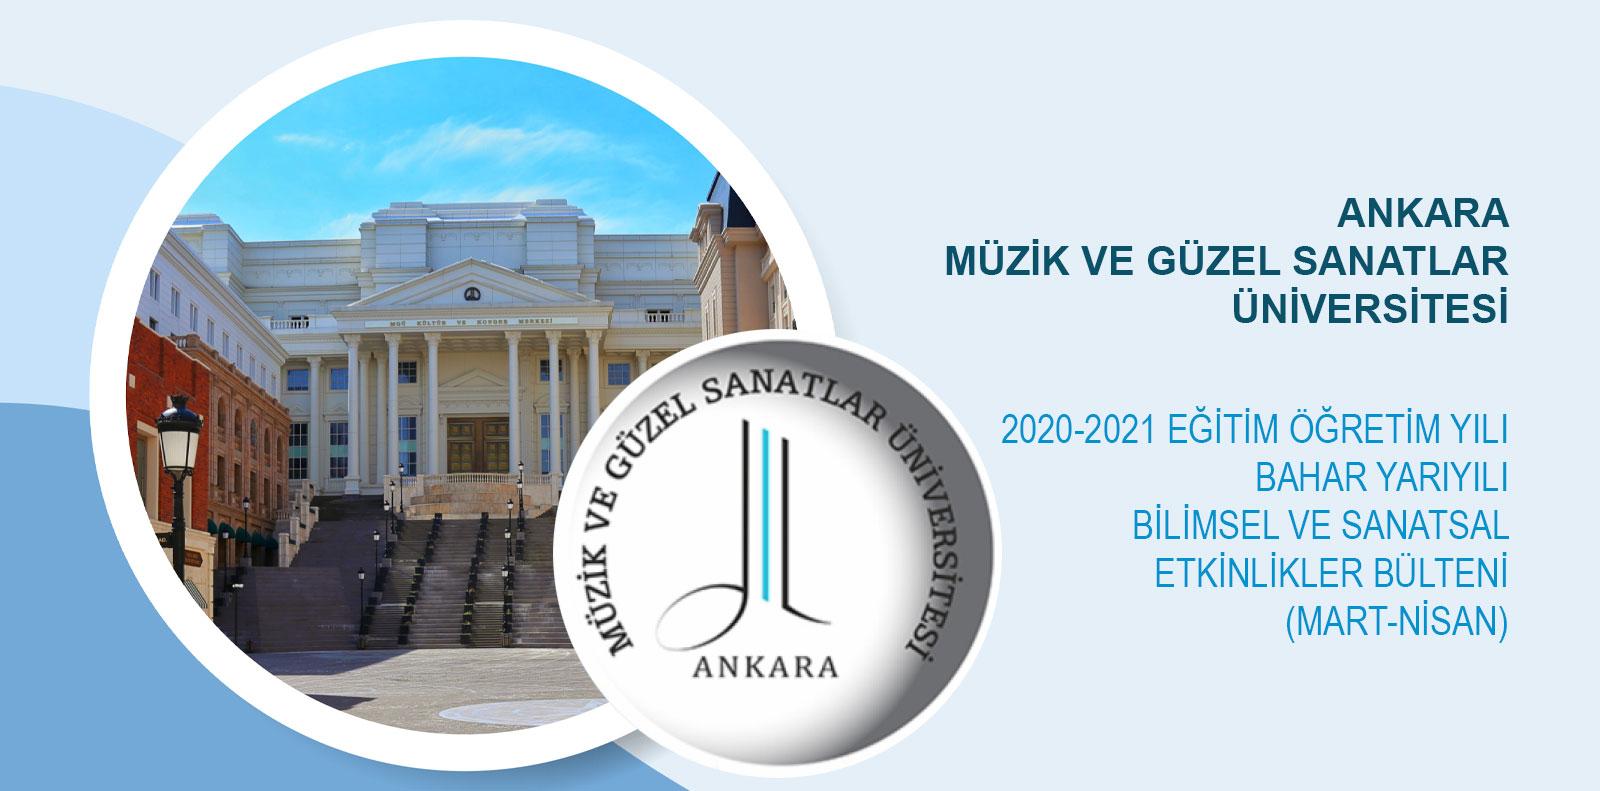 2020-2021 EĞİTİM ÖĞRETİM YILI BAHAR YARIYILI BİLİMSEL VE SANATSAL ETKİNLİKLER BÜLTENİ (MART-NİSAN)